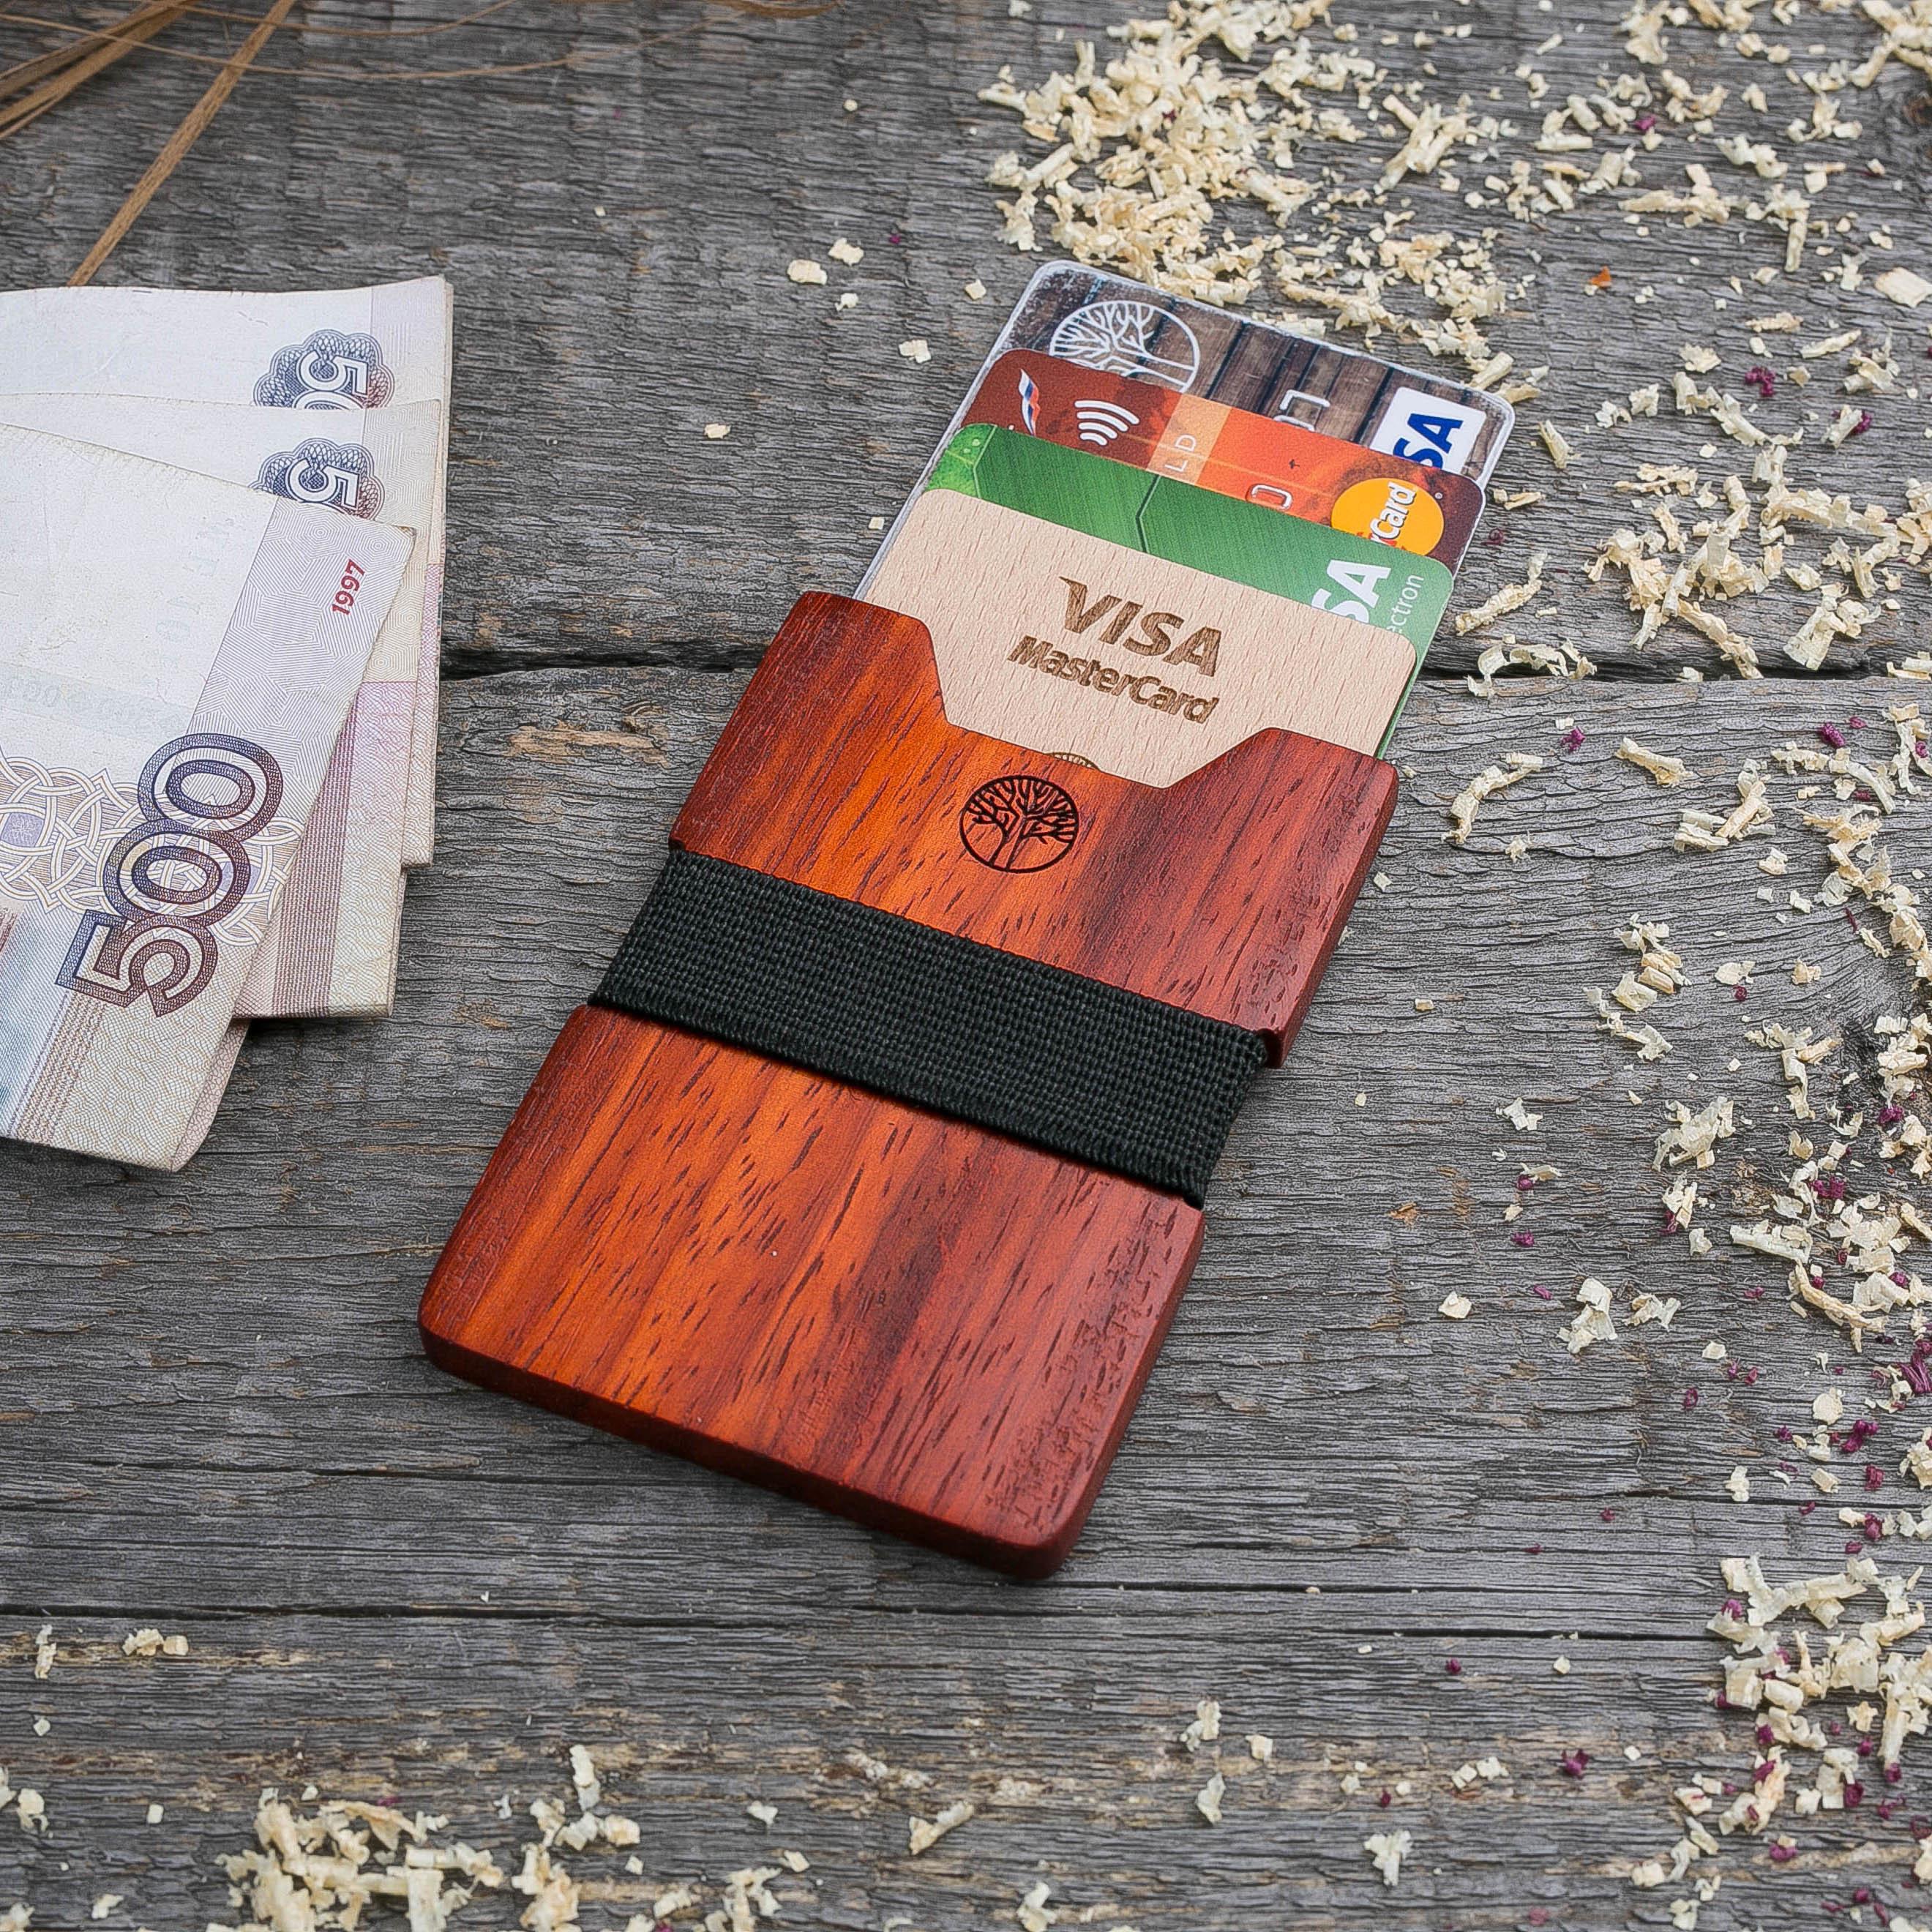 Деревянный кошелек  из африканского падука. Вертикальная загрузка. Для 1-6 пластиковых карт и купюр. Поддержка Apple Pay. Гравировка имени или логотипа. Бизнес сувенир. Подарок другу. Именной кошелек TwinsWallet-PadaukV